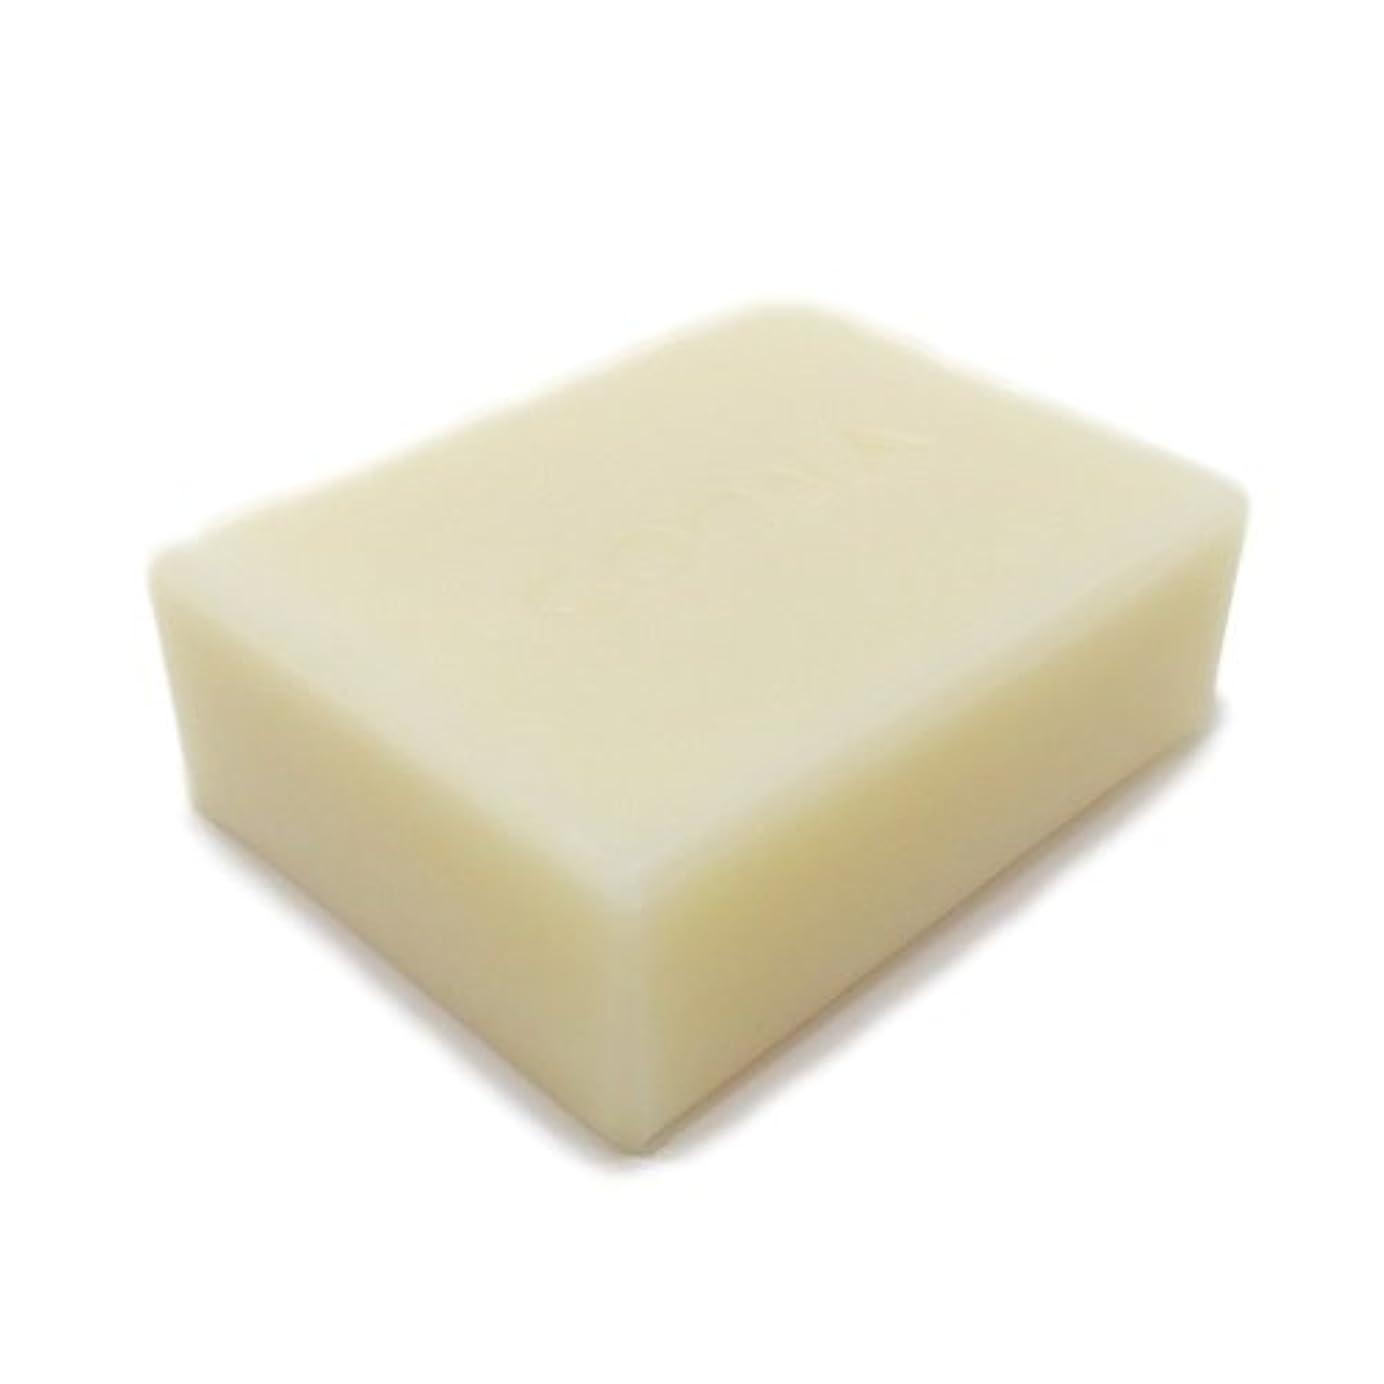 百科事典ロンドン見物人浴用石鹸 COONA和の香り石けん ゆず (天然素材 自然派 コールドプロセス 手作り せっけん) 80g